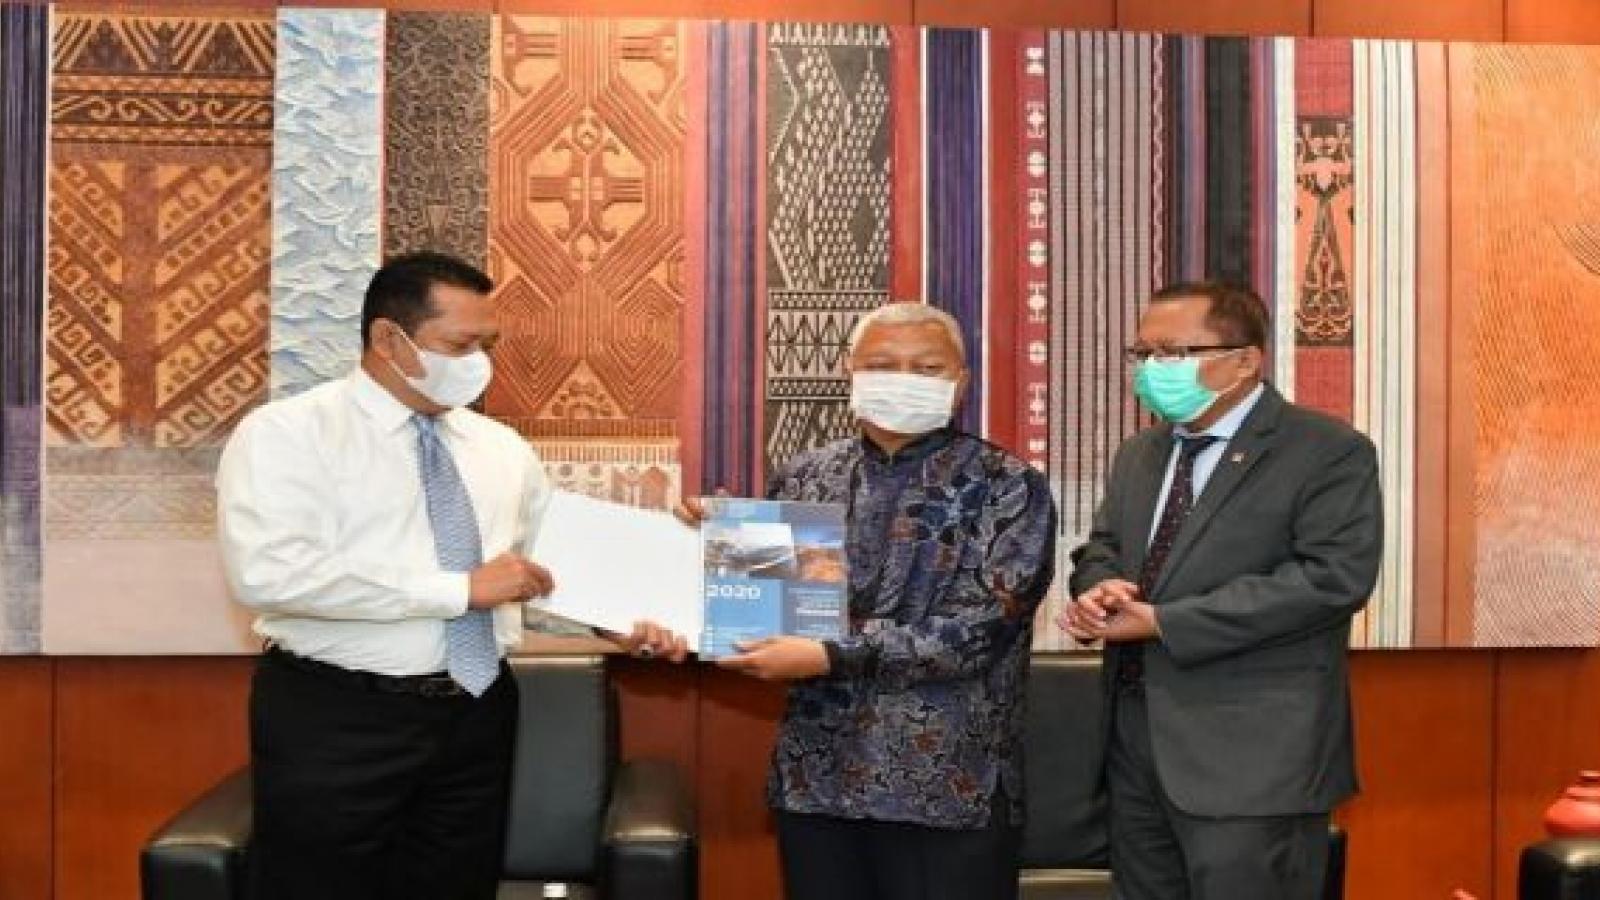 Quốc hội Indonesia ca ngợi chính sách chống Covid-19 của Việt Nam